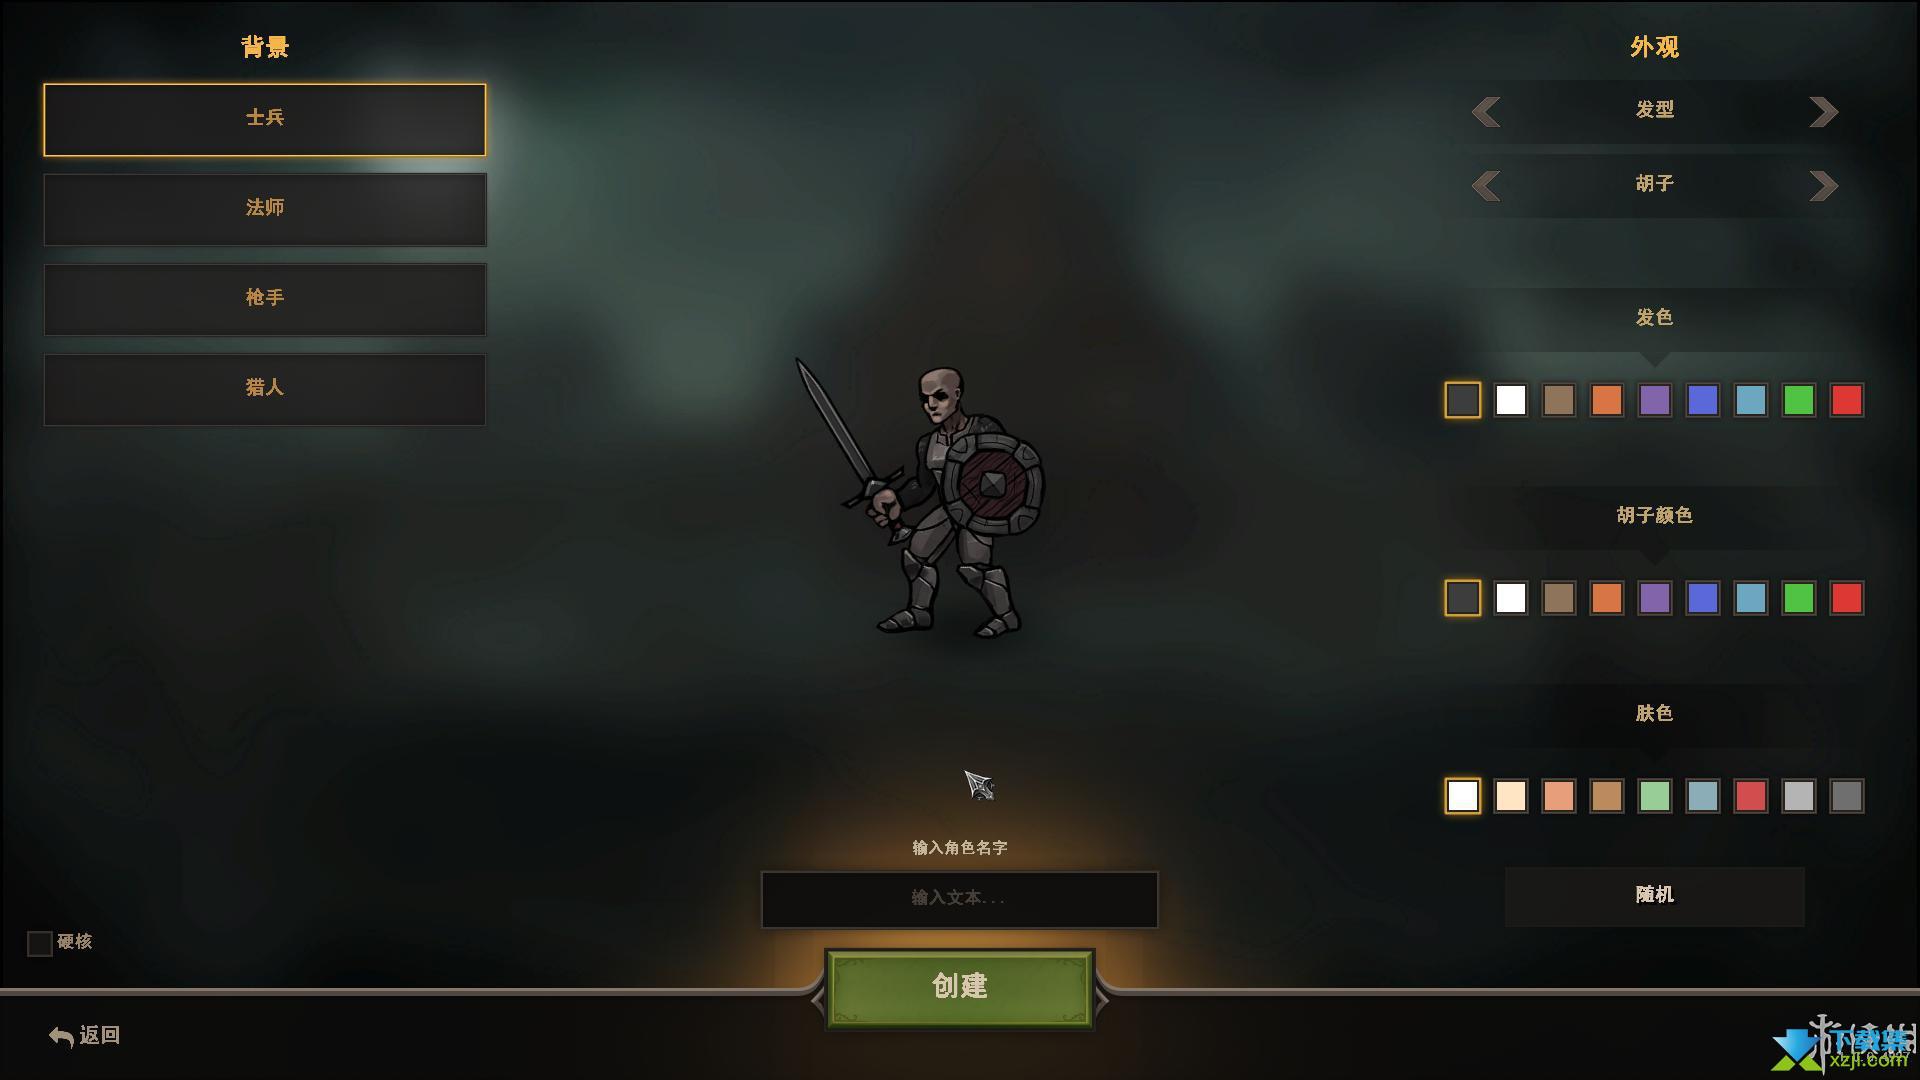 黑暗兽集界面3